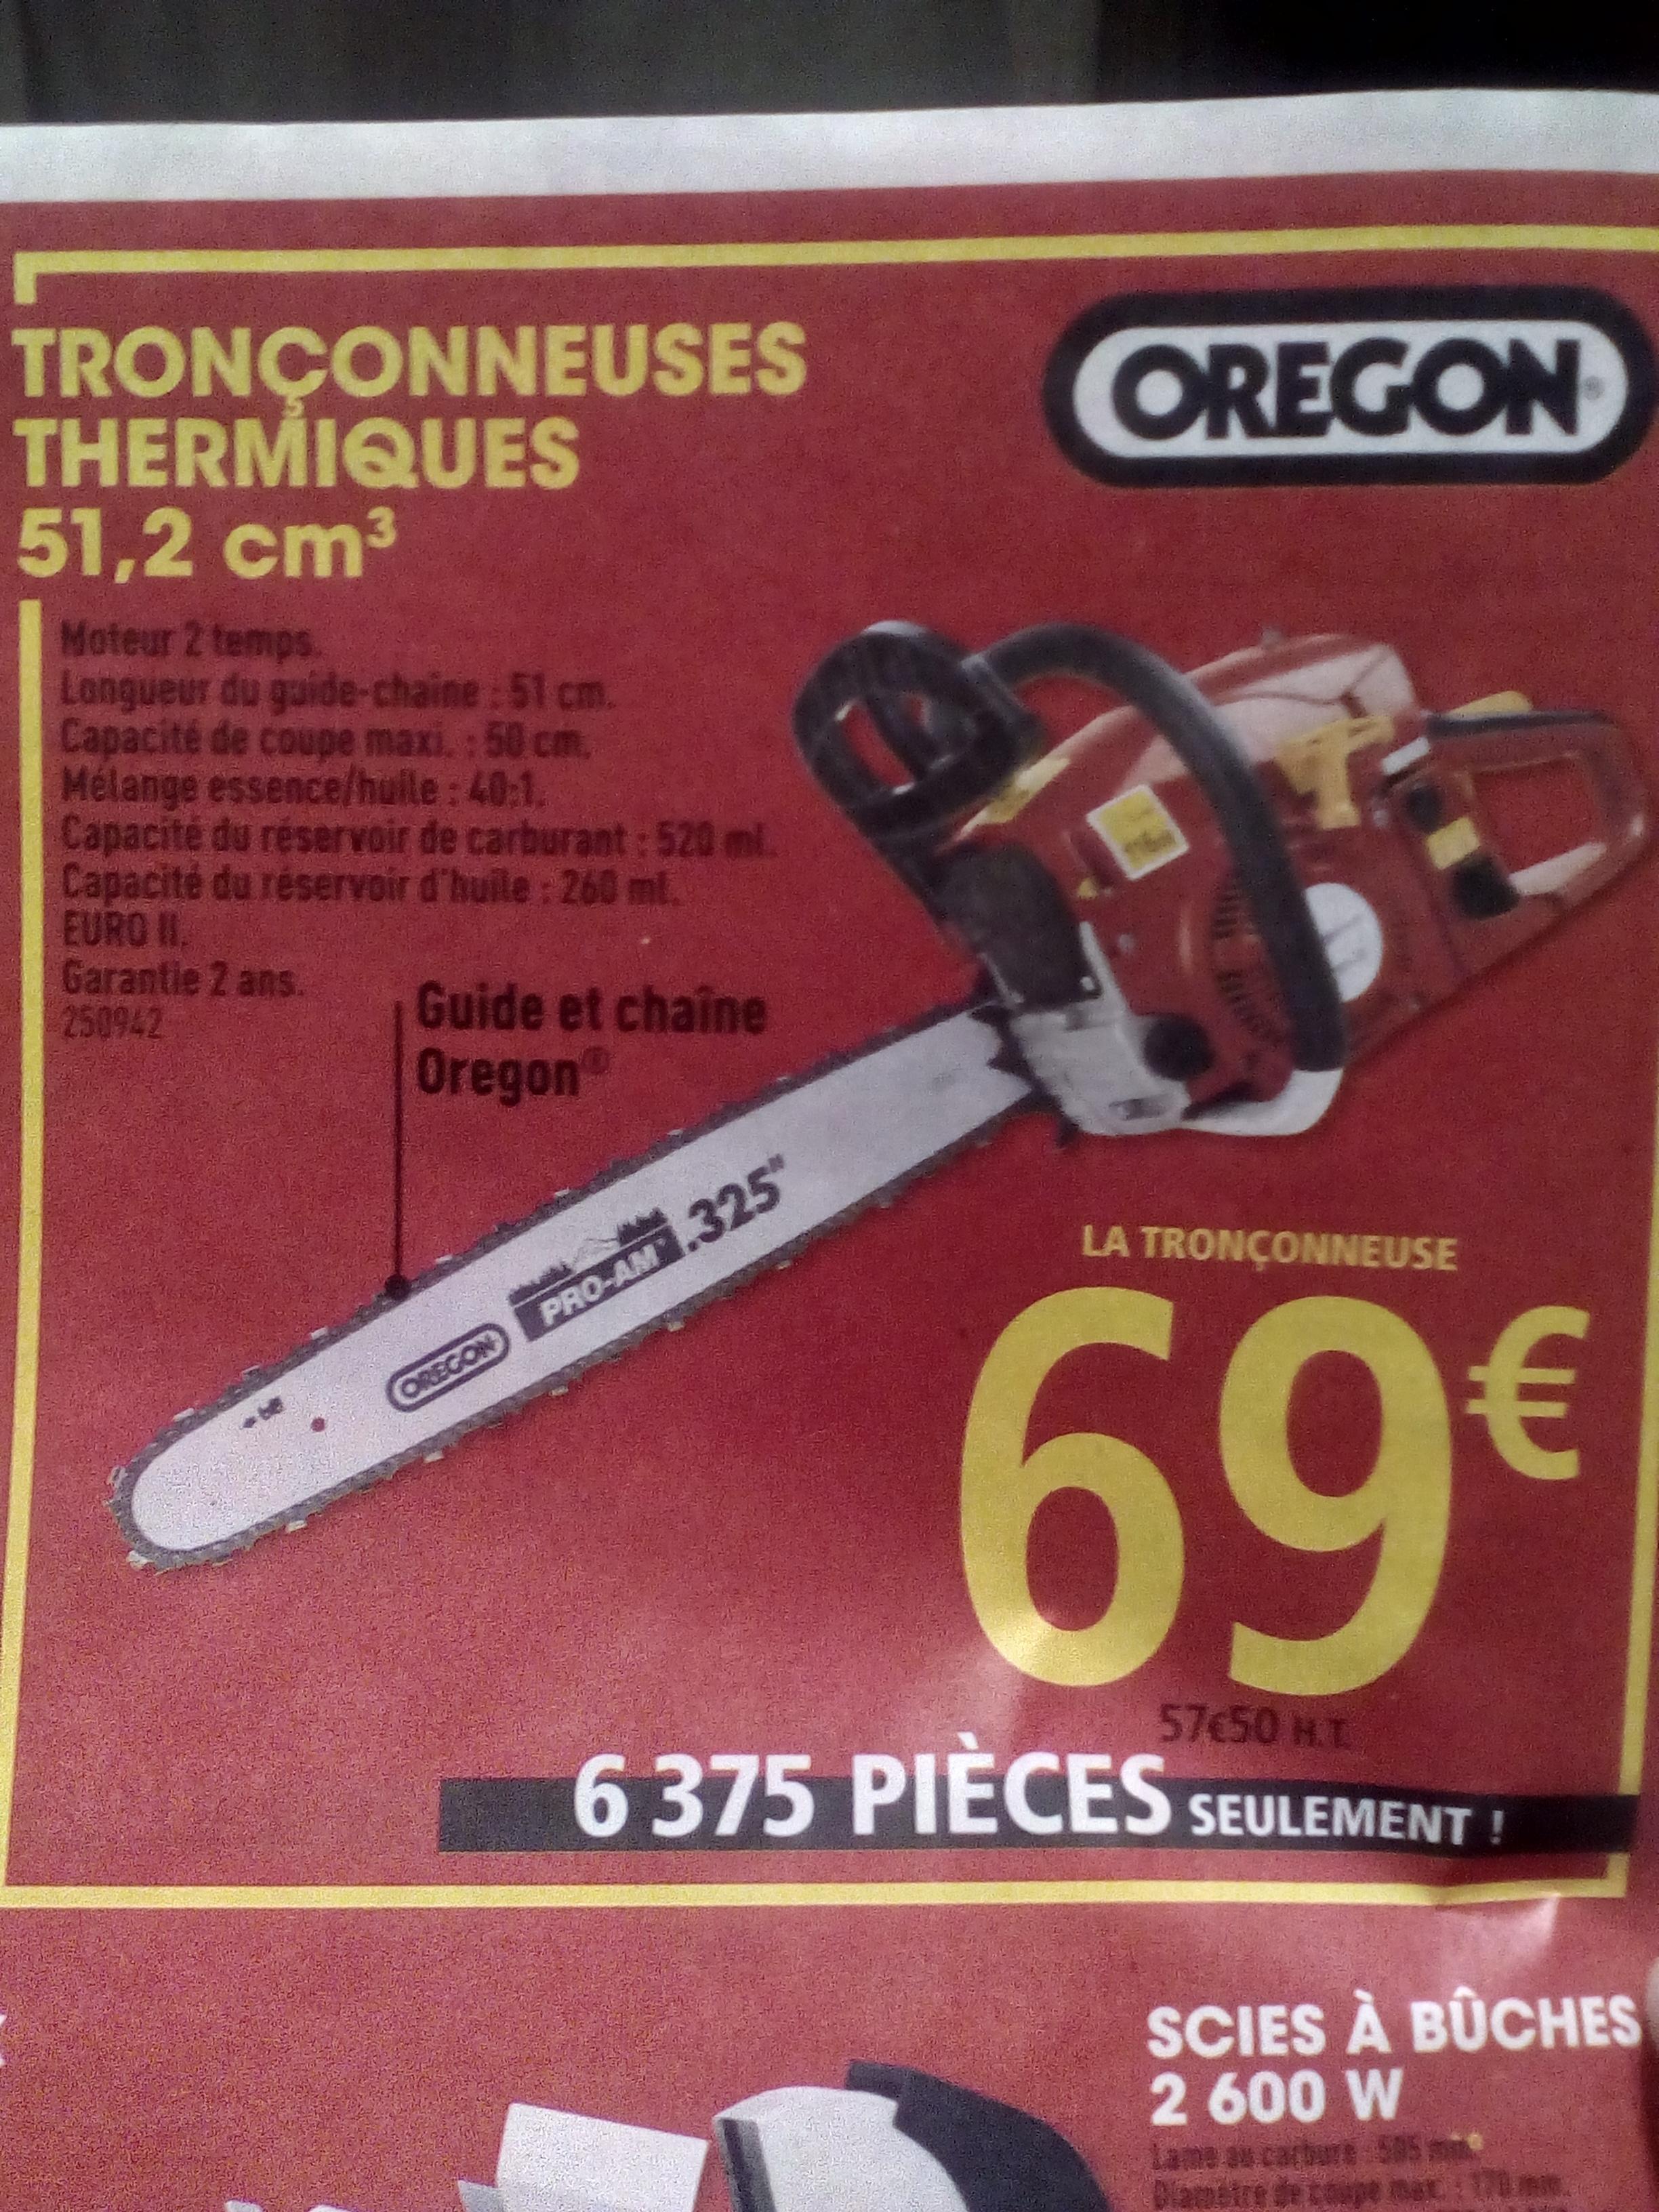 Tronçonneuse thermique 51,2 cm³